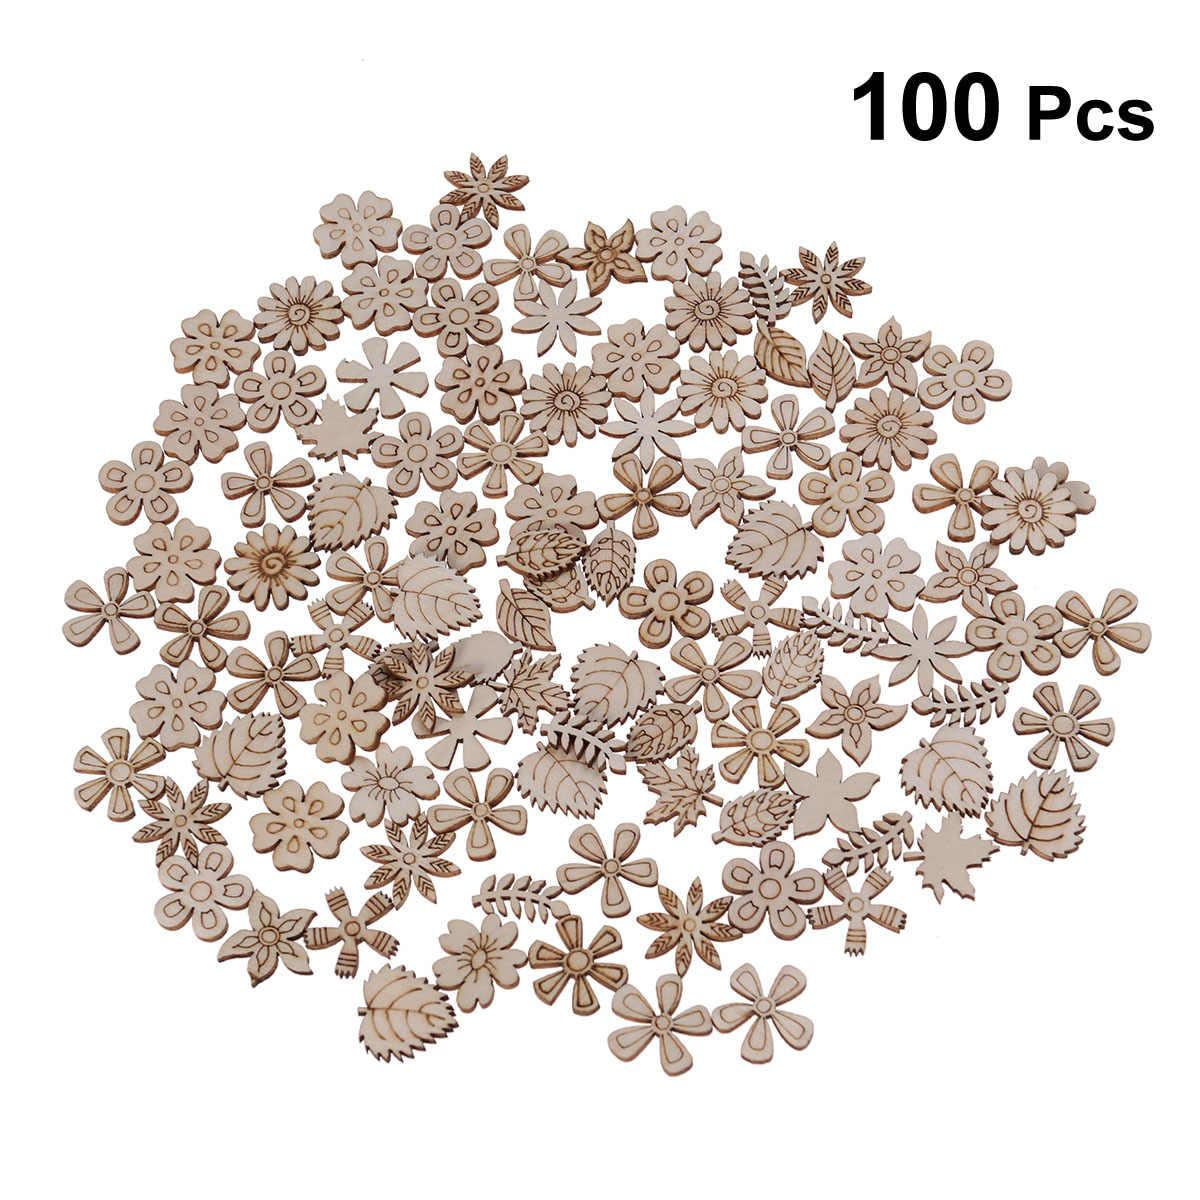 100 шт 20 мм DIY Дудл учебная игрушка маленький натурального дерева ломтик украшения для скрапбукинга самодельный декоративный дизайн (смешанный принт)